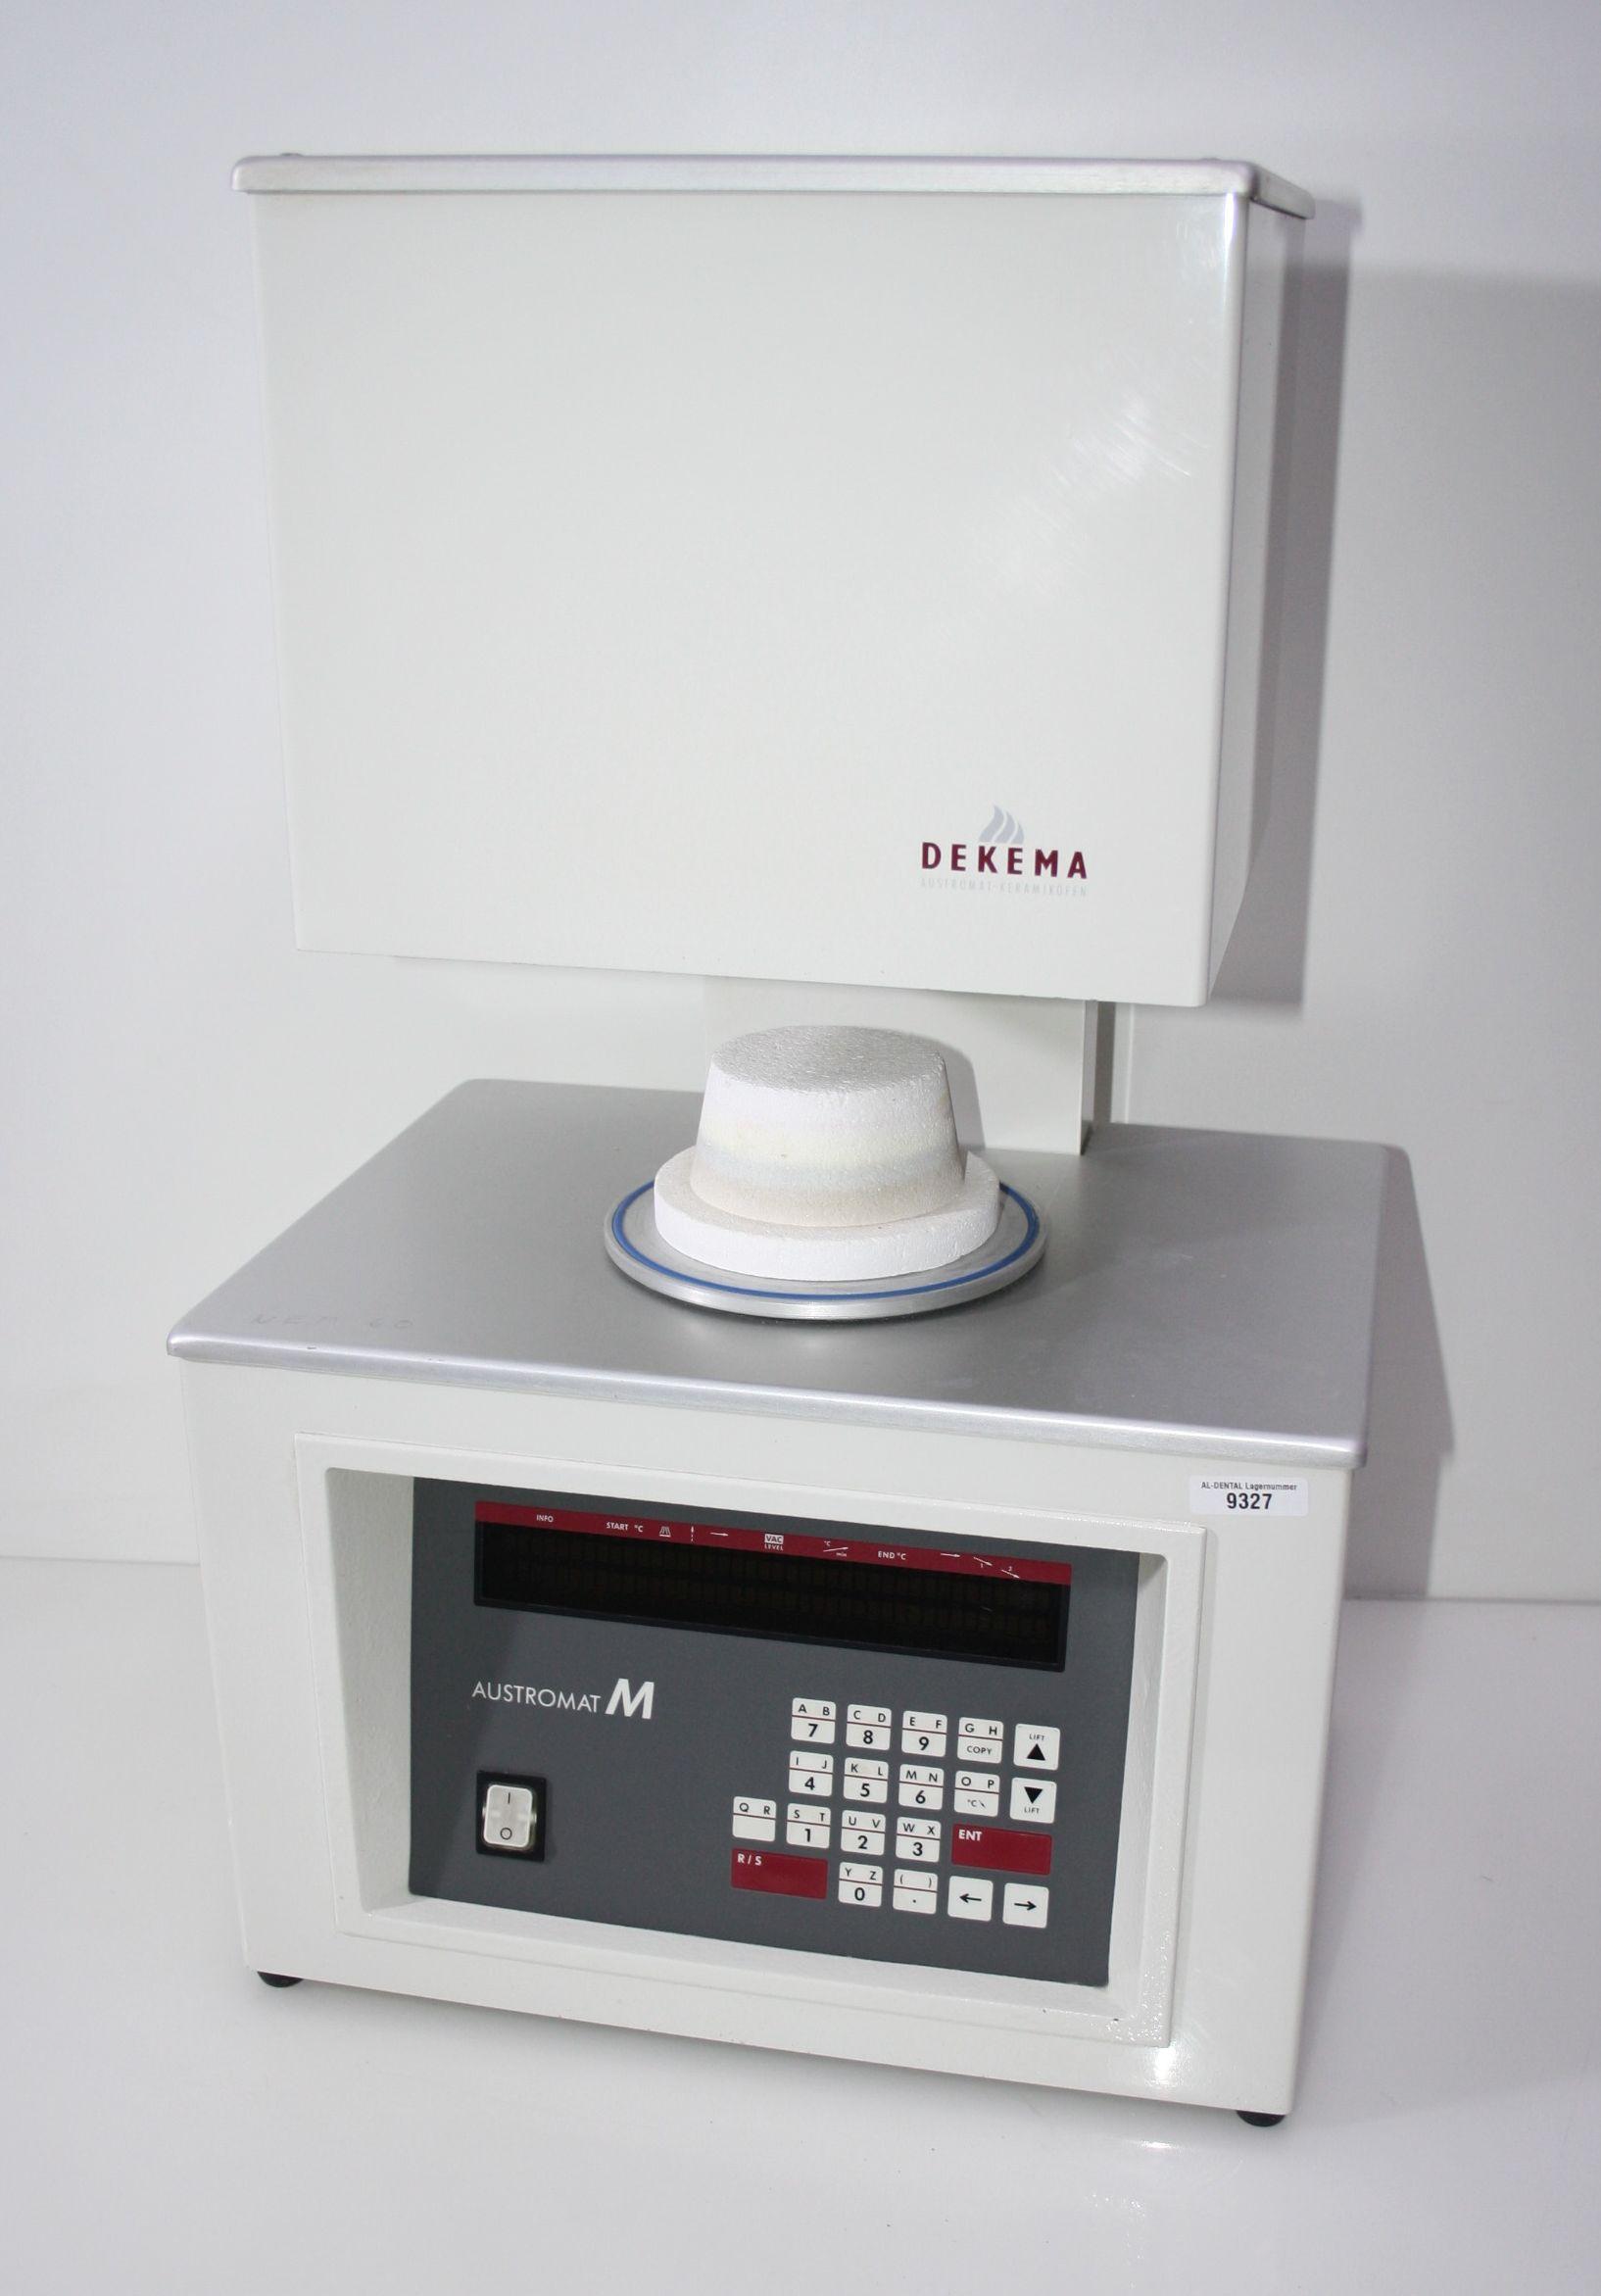 DEKEMA Keramikofen Typ Austromat M # 9327